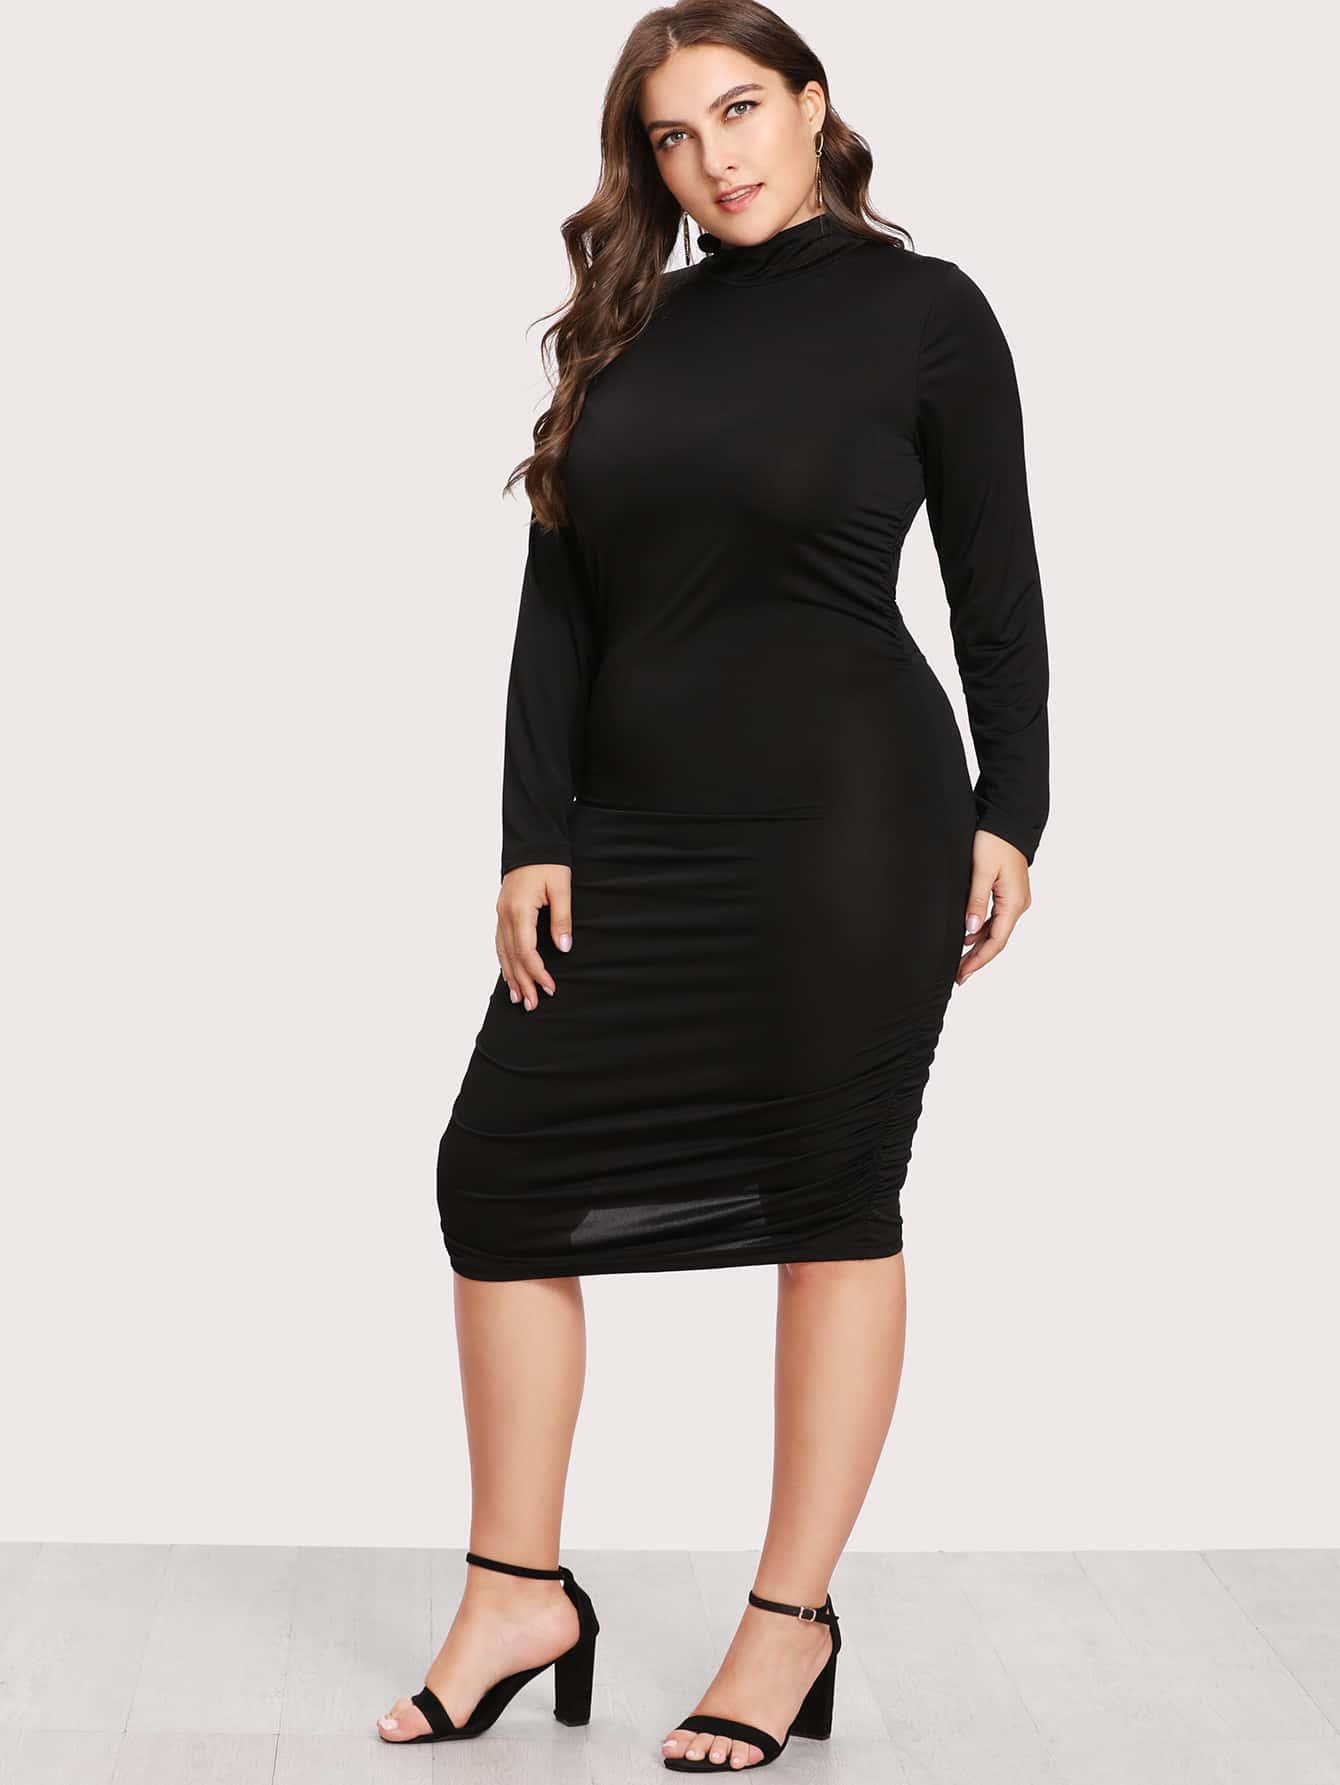 High Neck Ruched Back Dress dress171117351